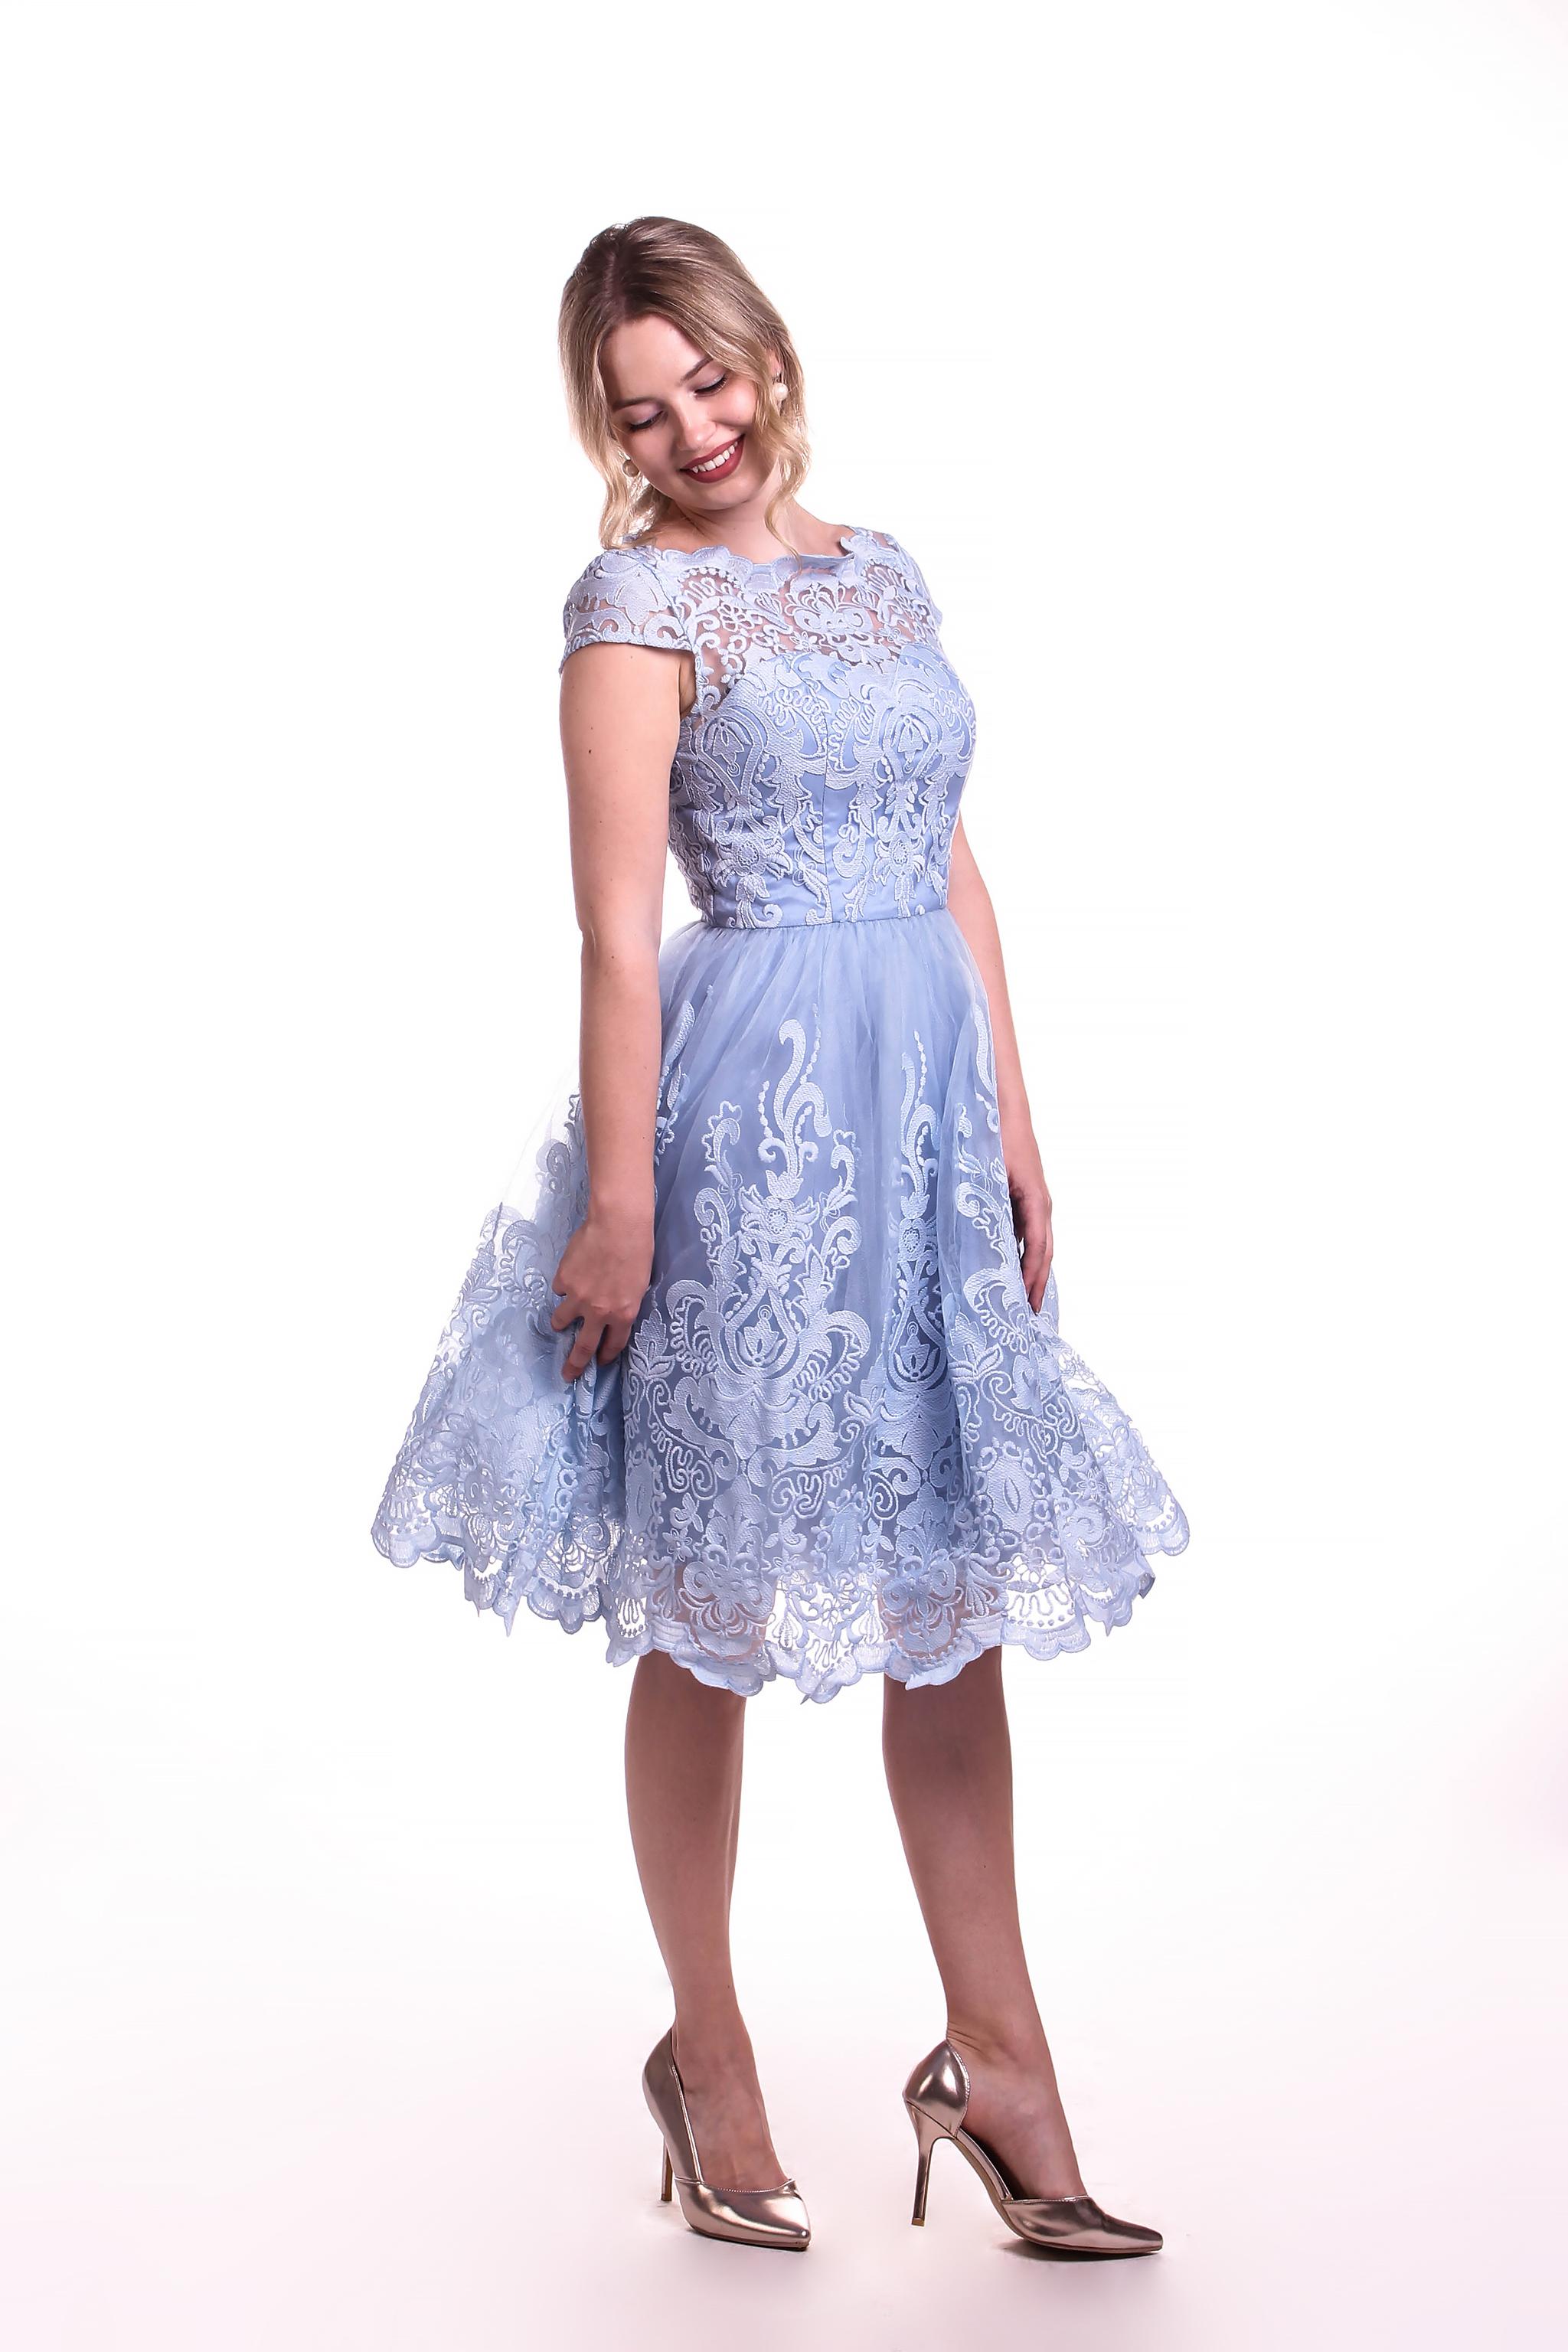 Obrázok 5 Chi-Chi London modré čipkované šaty 6ce3ab7197f